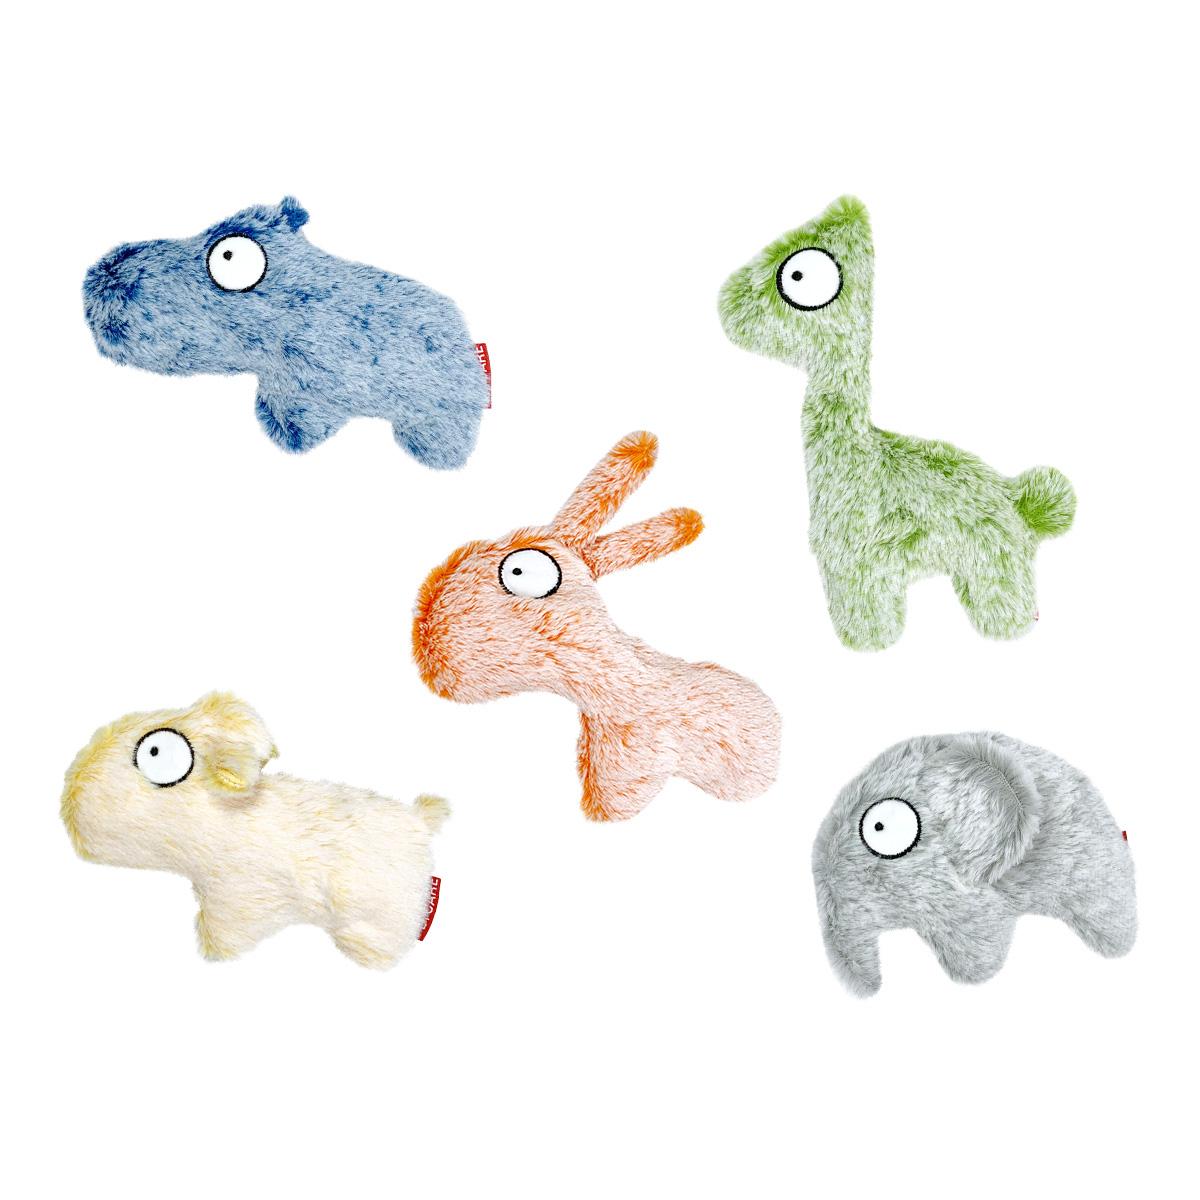 펫케어 고양이 흐리멍텅 동물원 장난감 5종 세트, 하마, 코끼리, 알파카, 당나귀, 양, 1세트